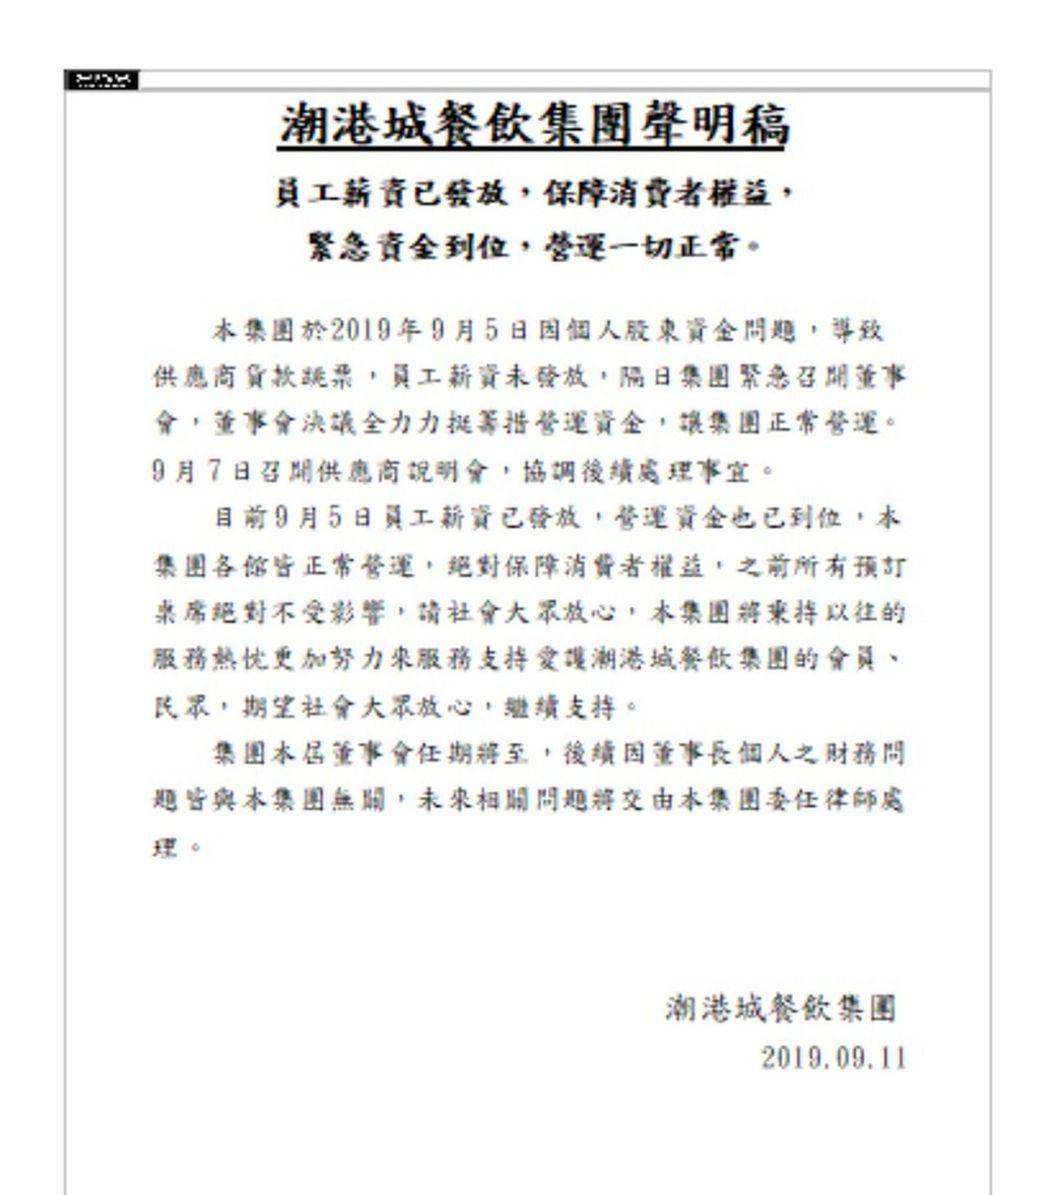 台中潮港城今天聲明,員工薪資已發放,保障消費者權益,緊急資金到位,營運一切正常。...